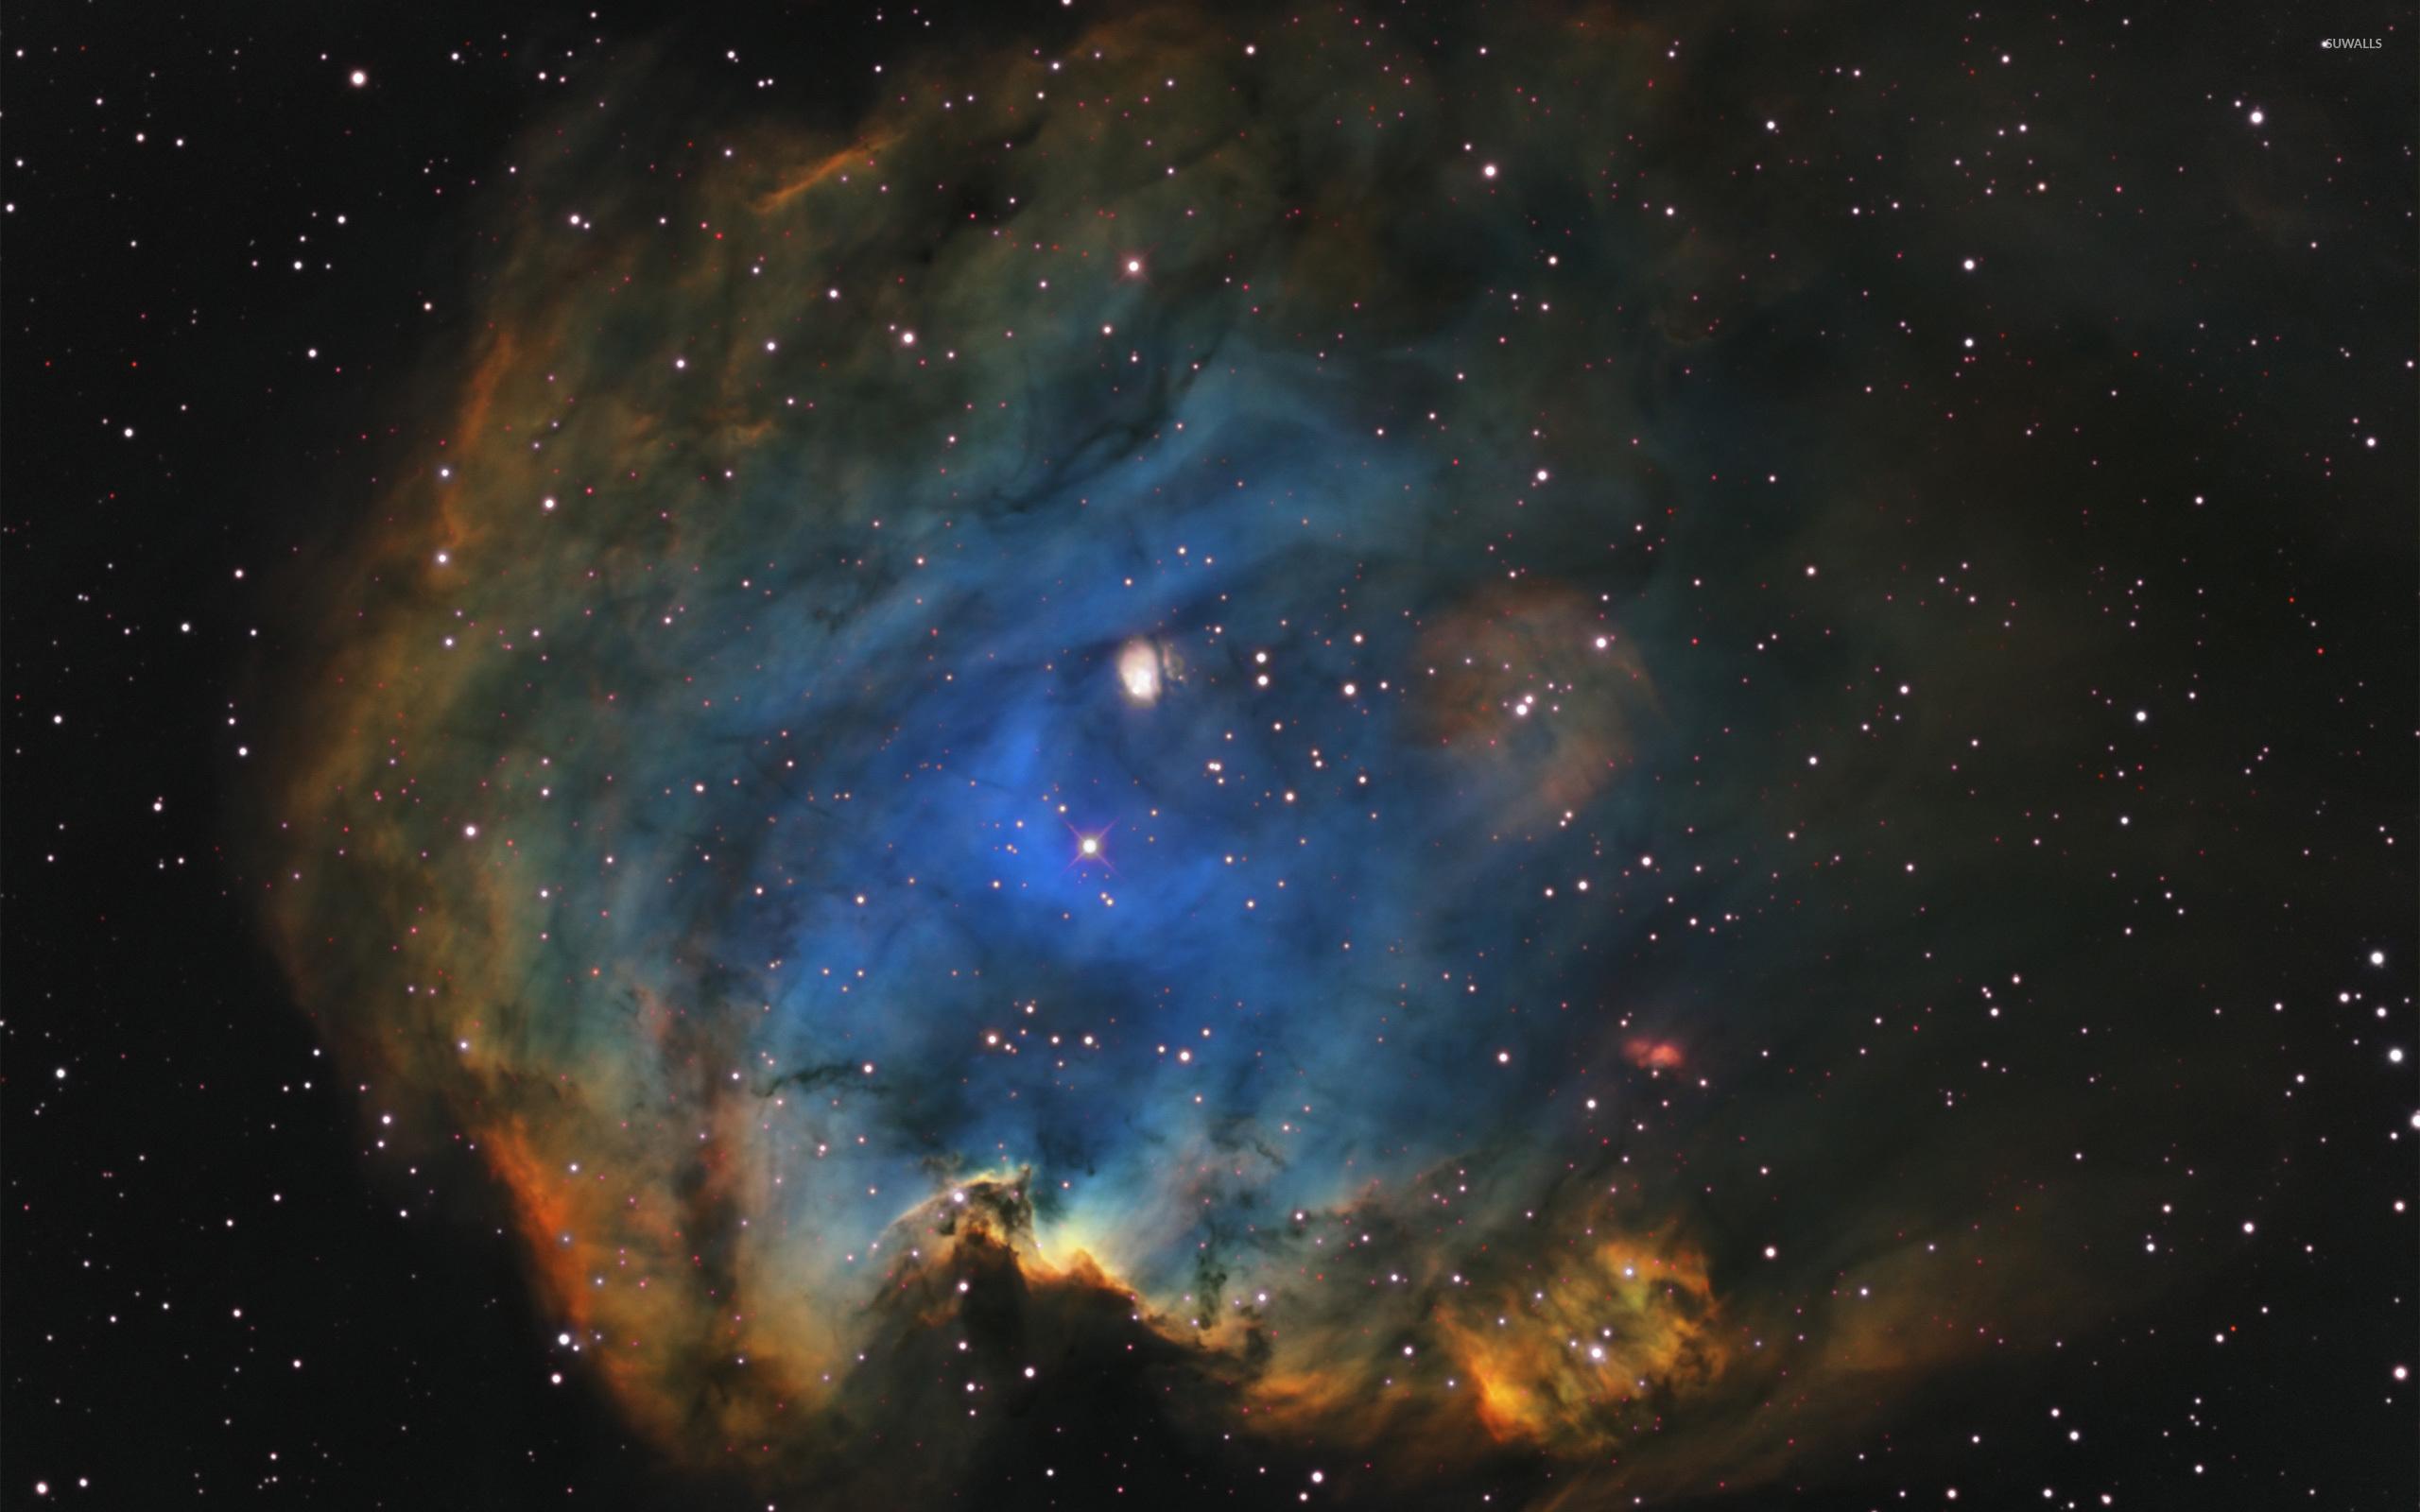 NGC 6726   www.astrodonimaging.com